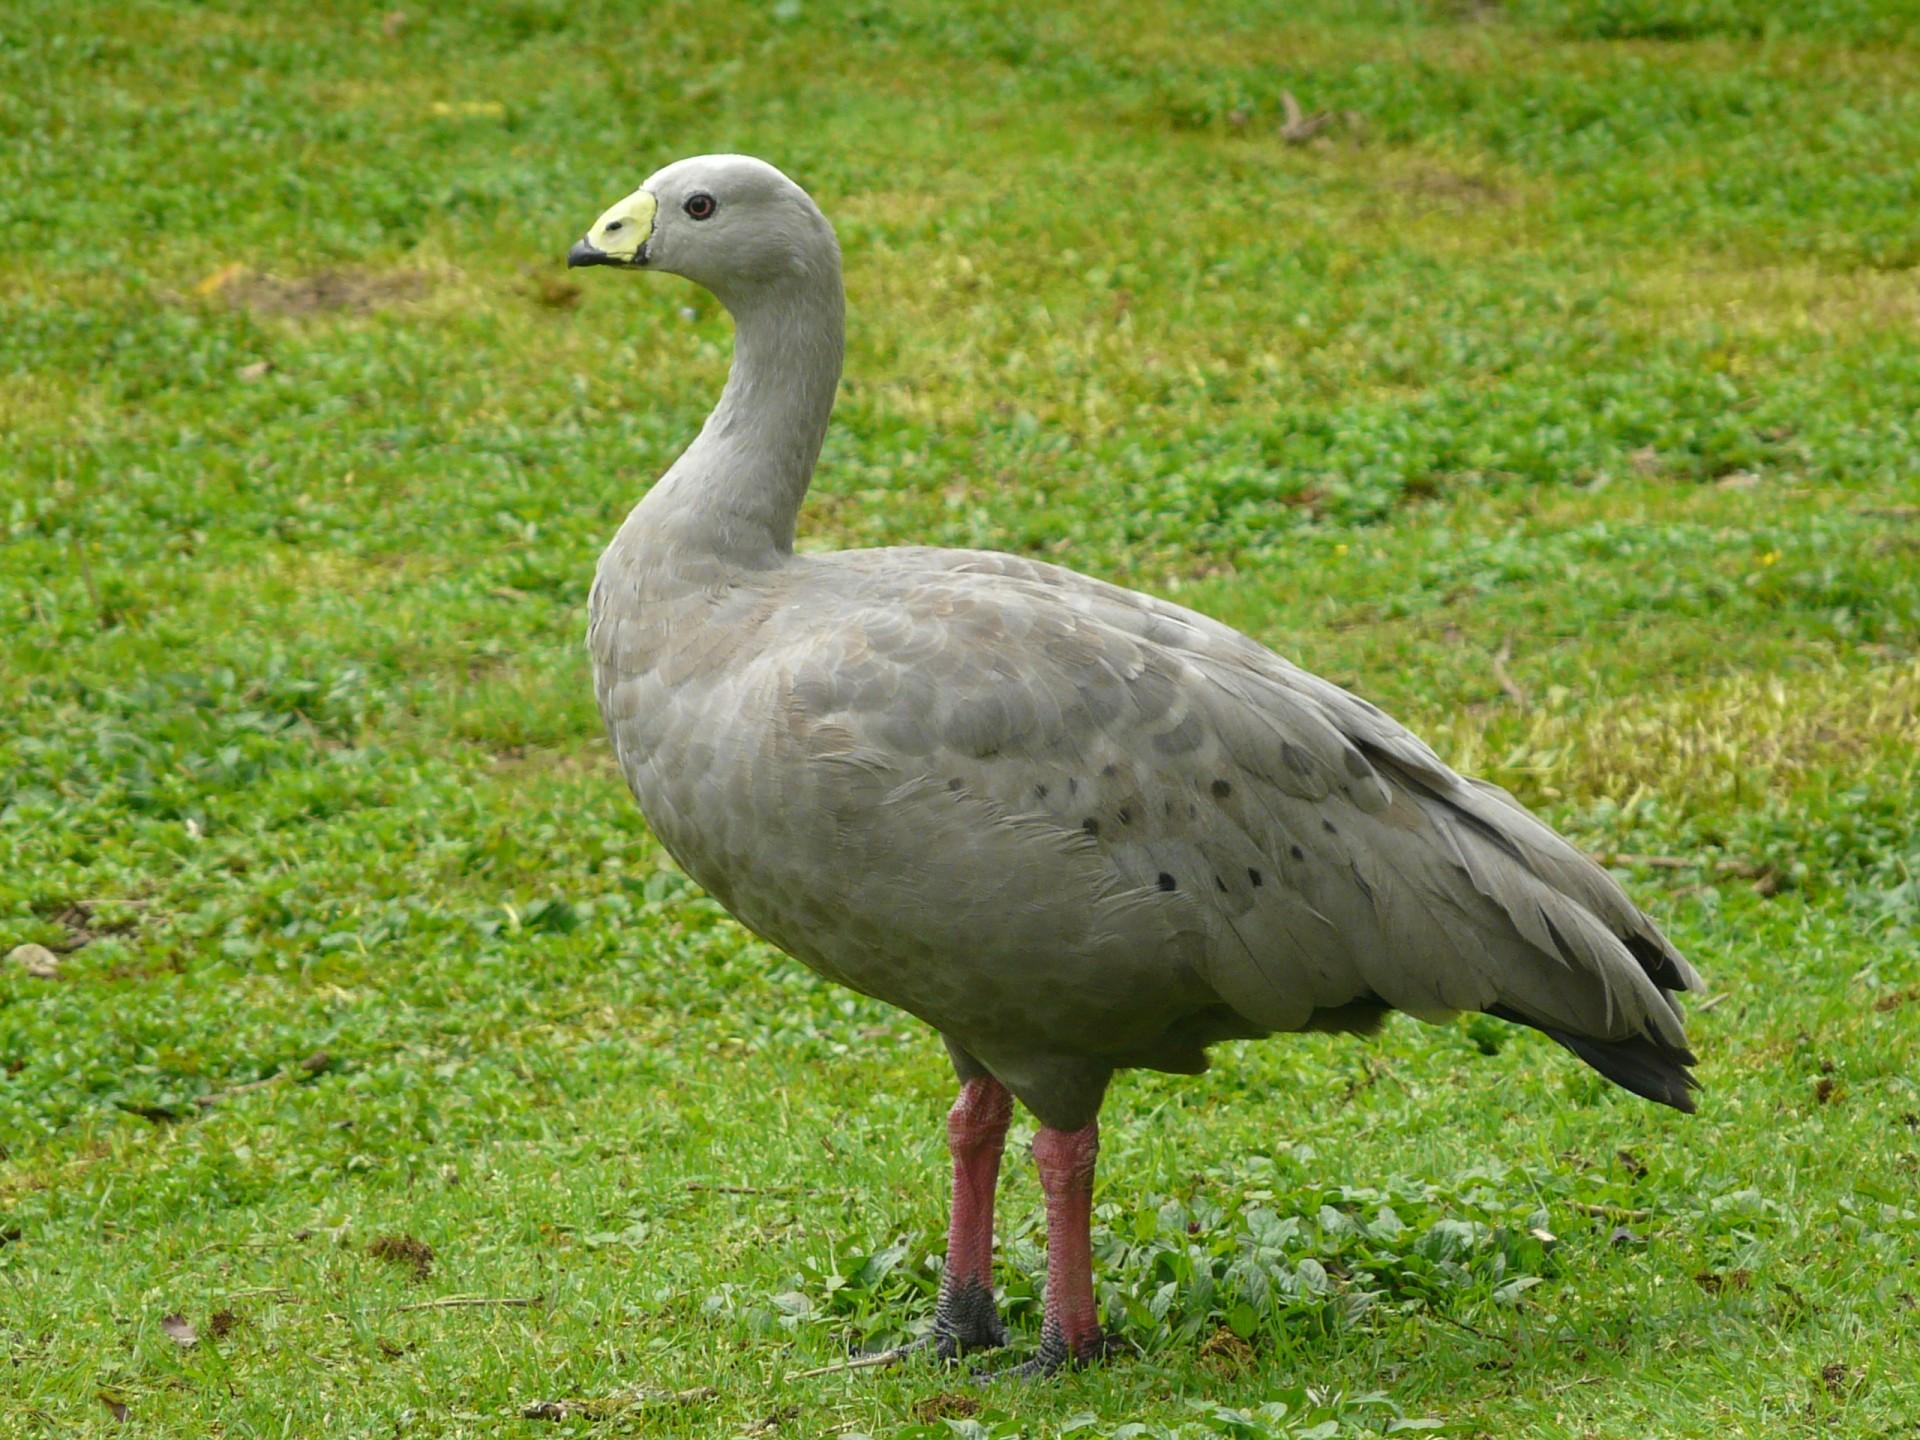 cape barren goose new zealand birds online